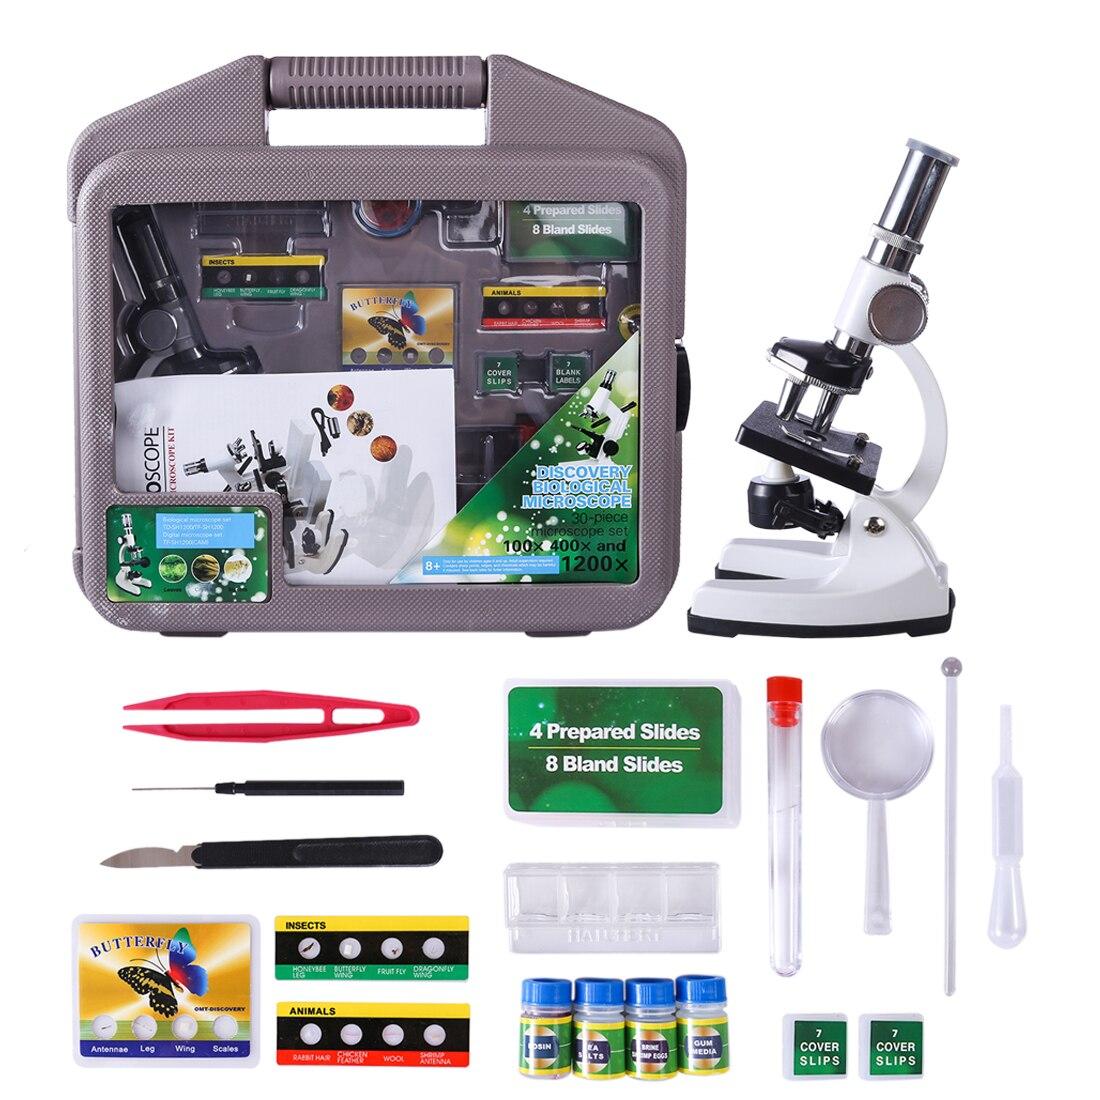 Nouveau Kit de technologie LED de laboratoire 100x 400x 1200x maison école jouet éducatif cadeau Microscope biologique pour enfants enfants jouets